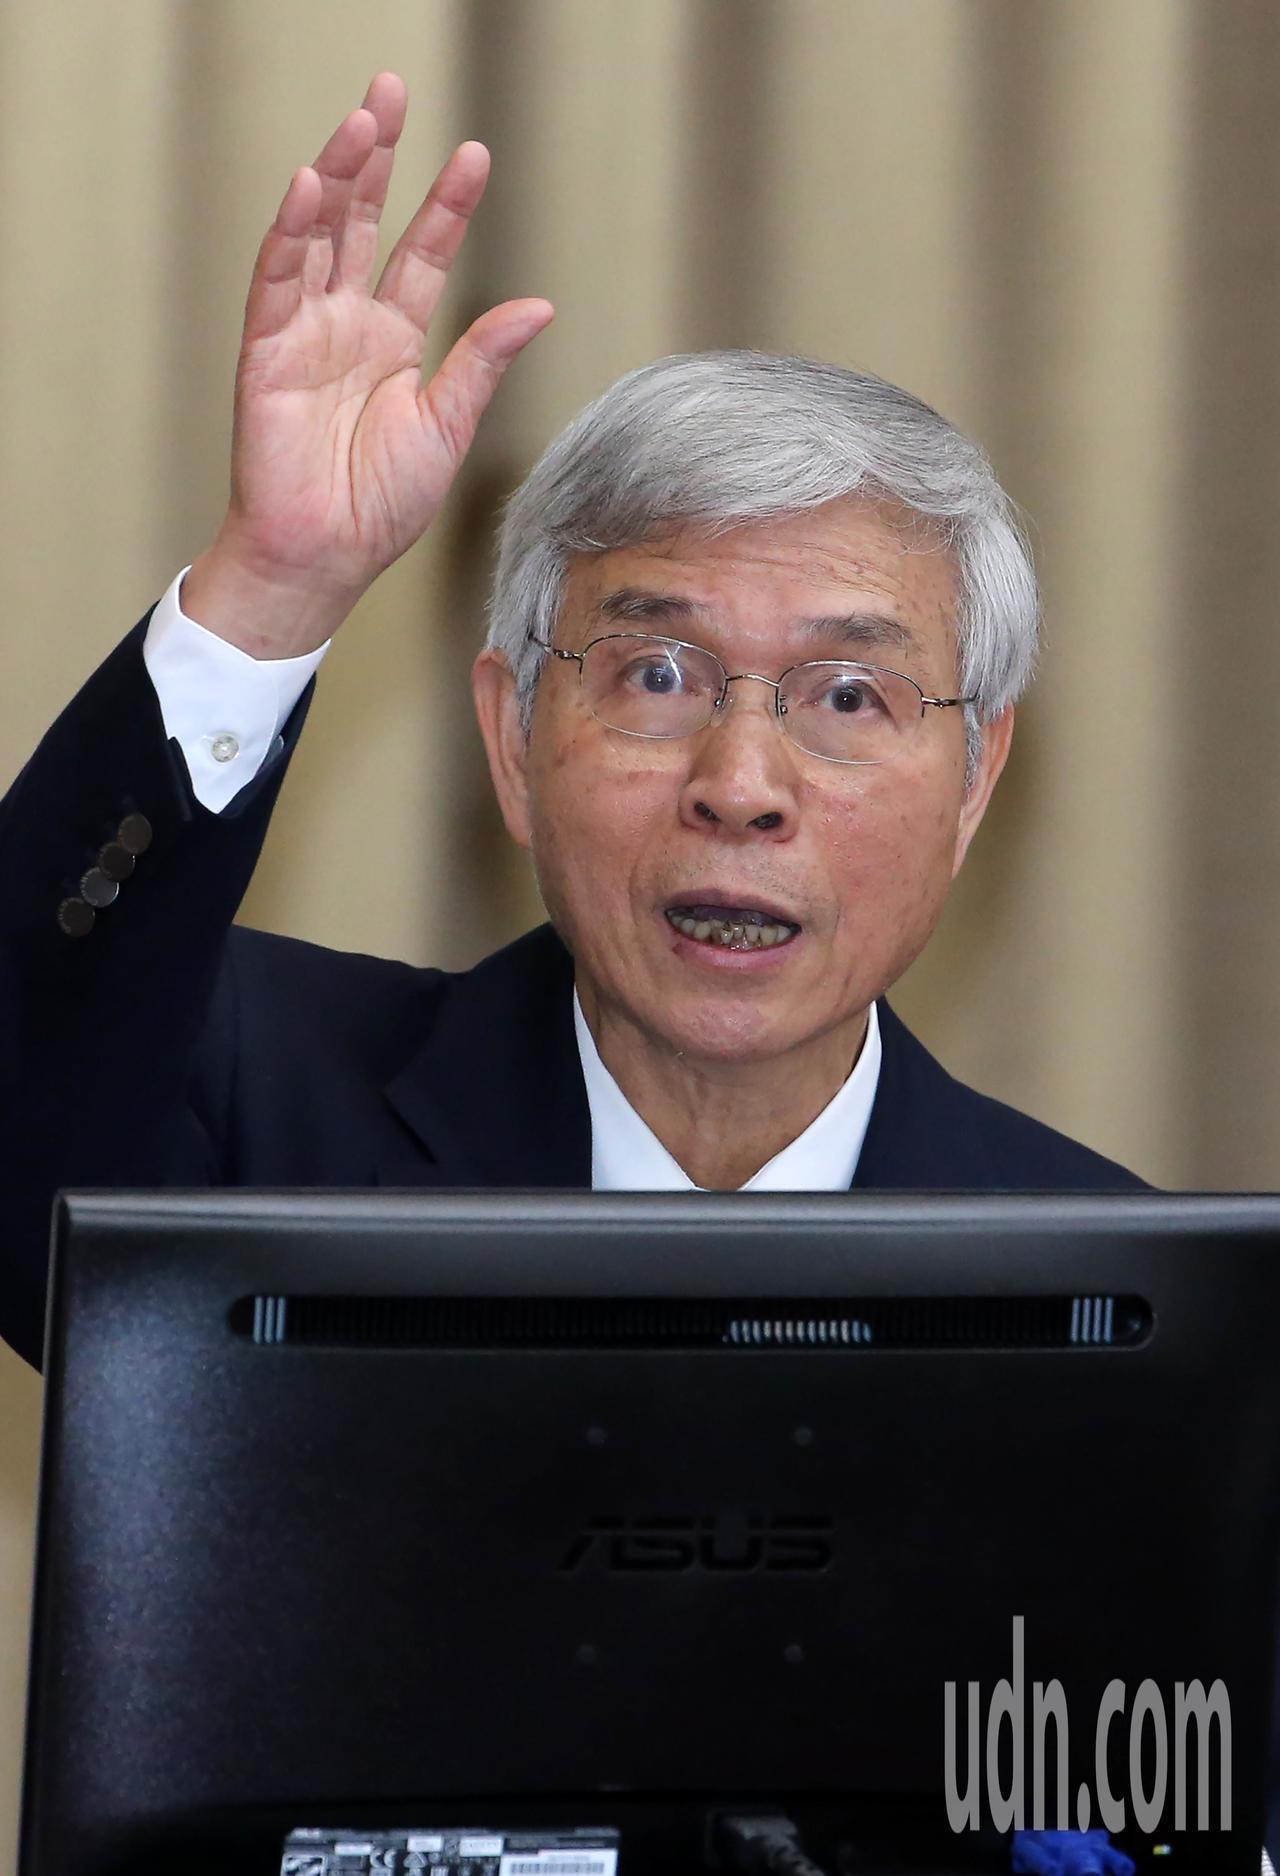 央行總裁楊金龍上午出席立法院財政委員會進行業務報告並備詢,這也是他擔任總裁後首度...